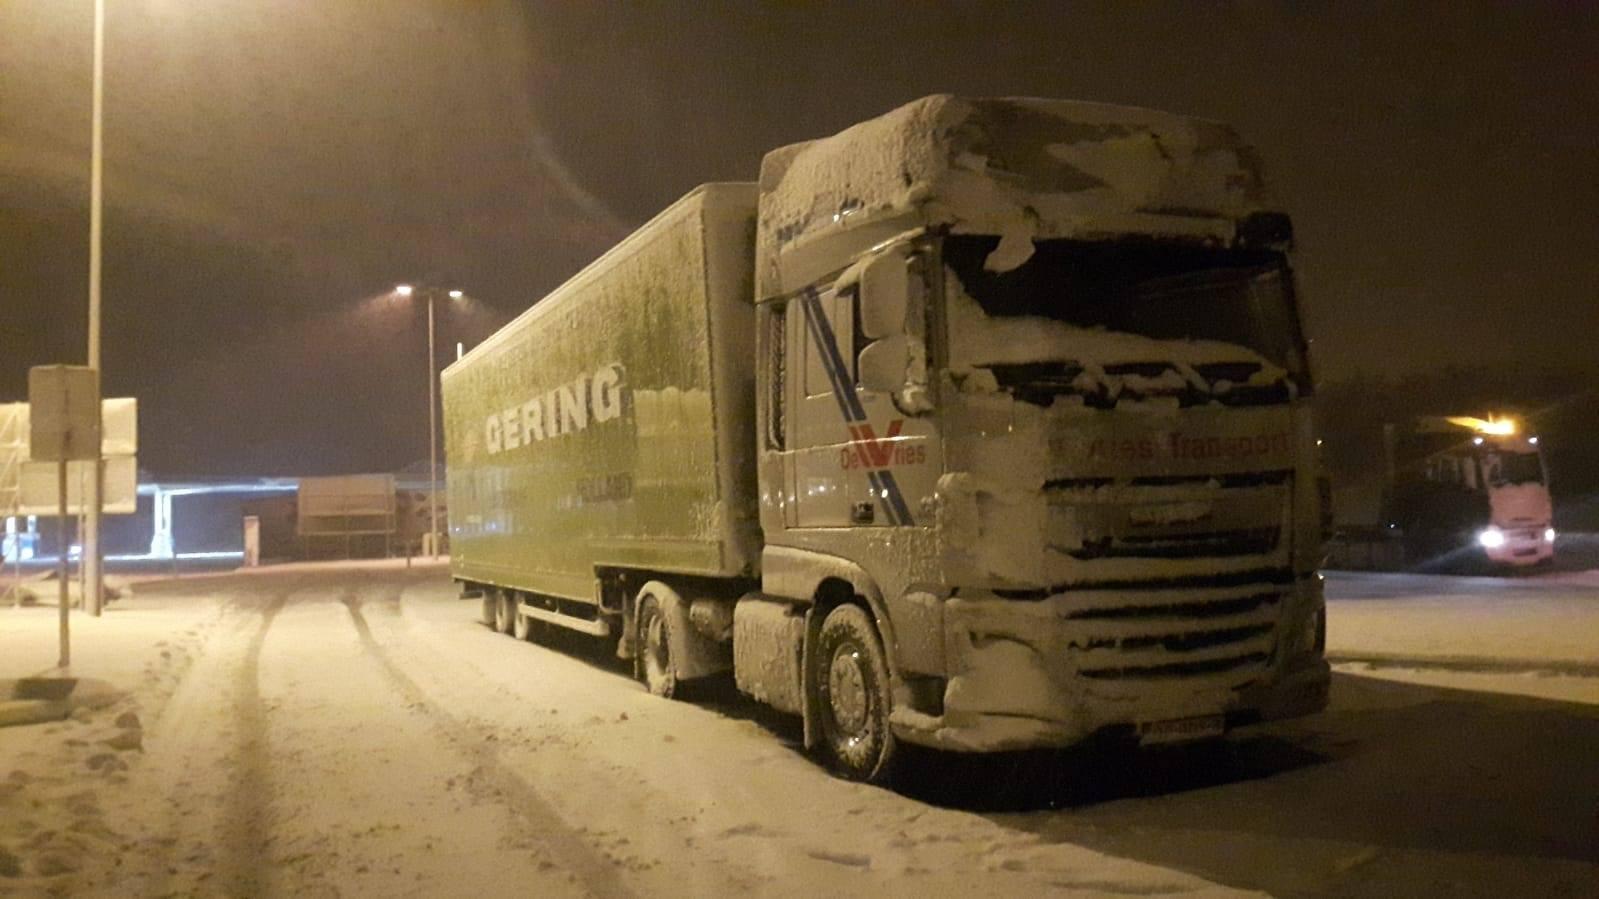 Sjef-in-de-sneeuw-10-1-2019-zuid-duitsland--1